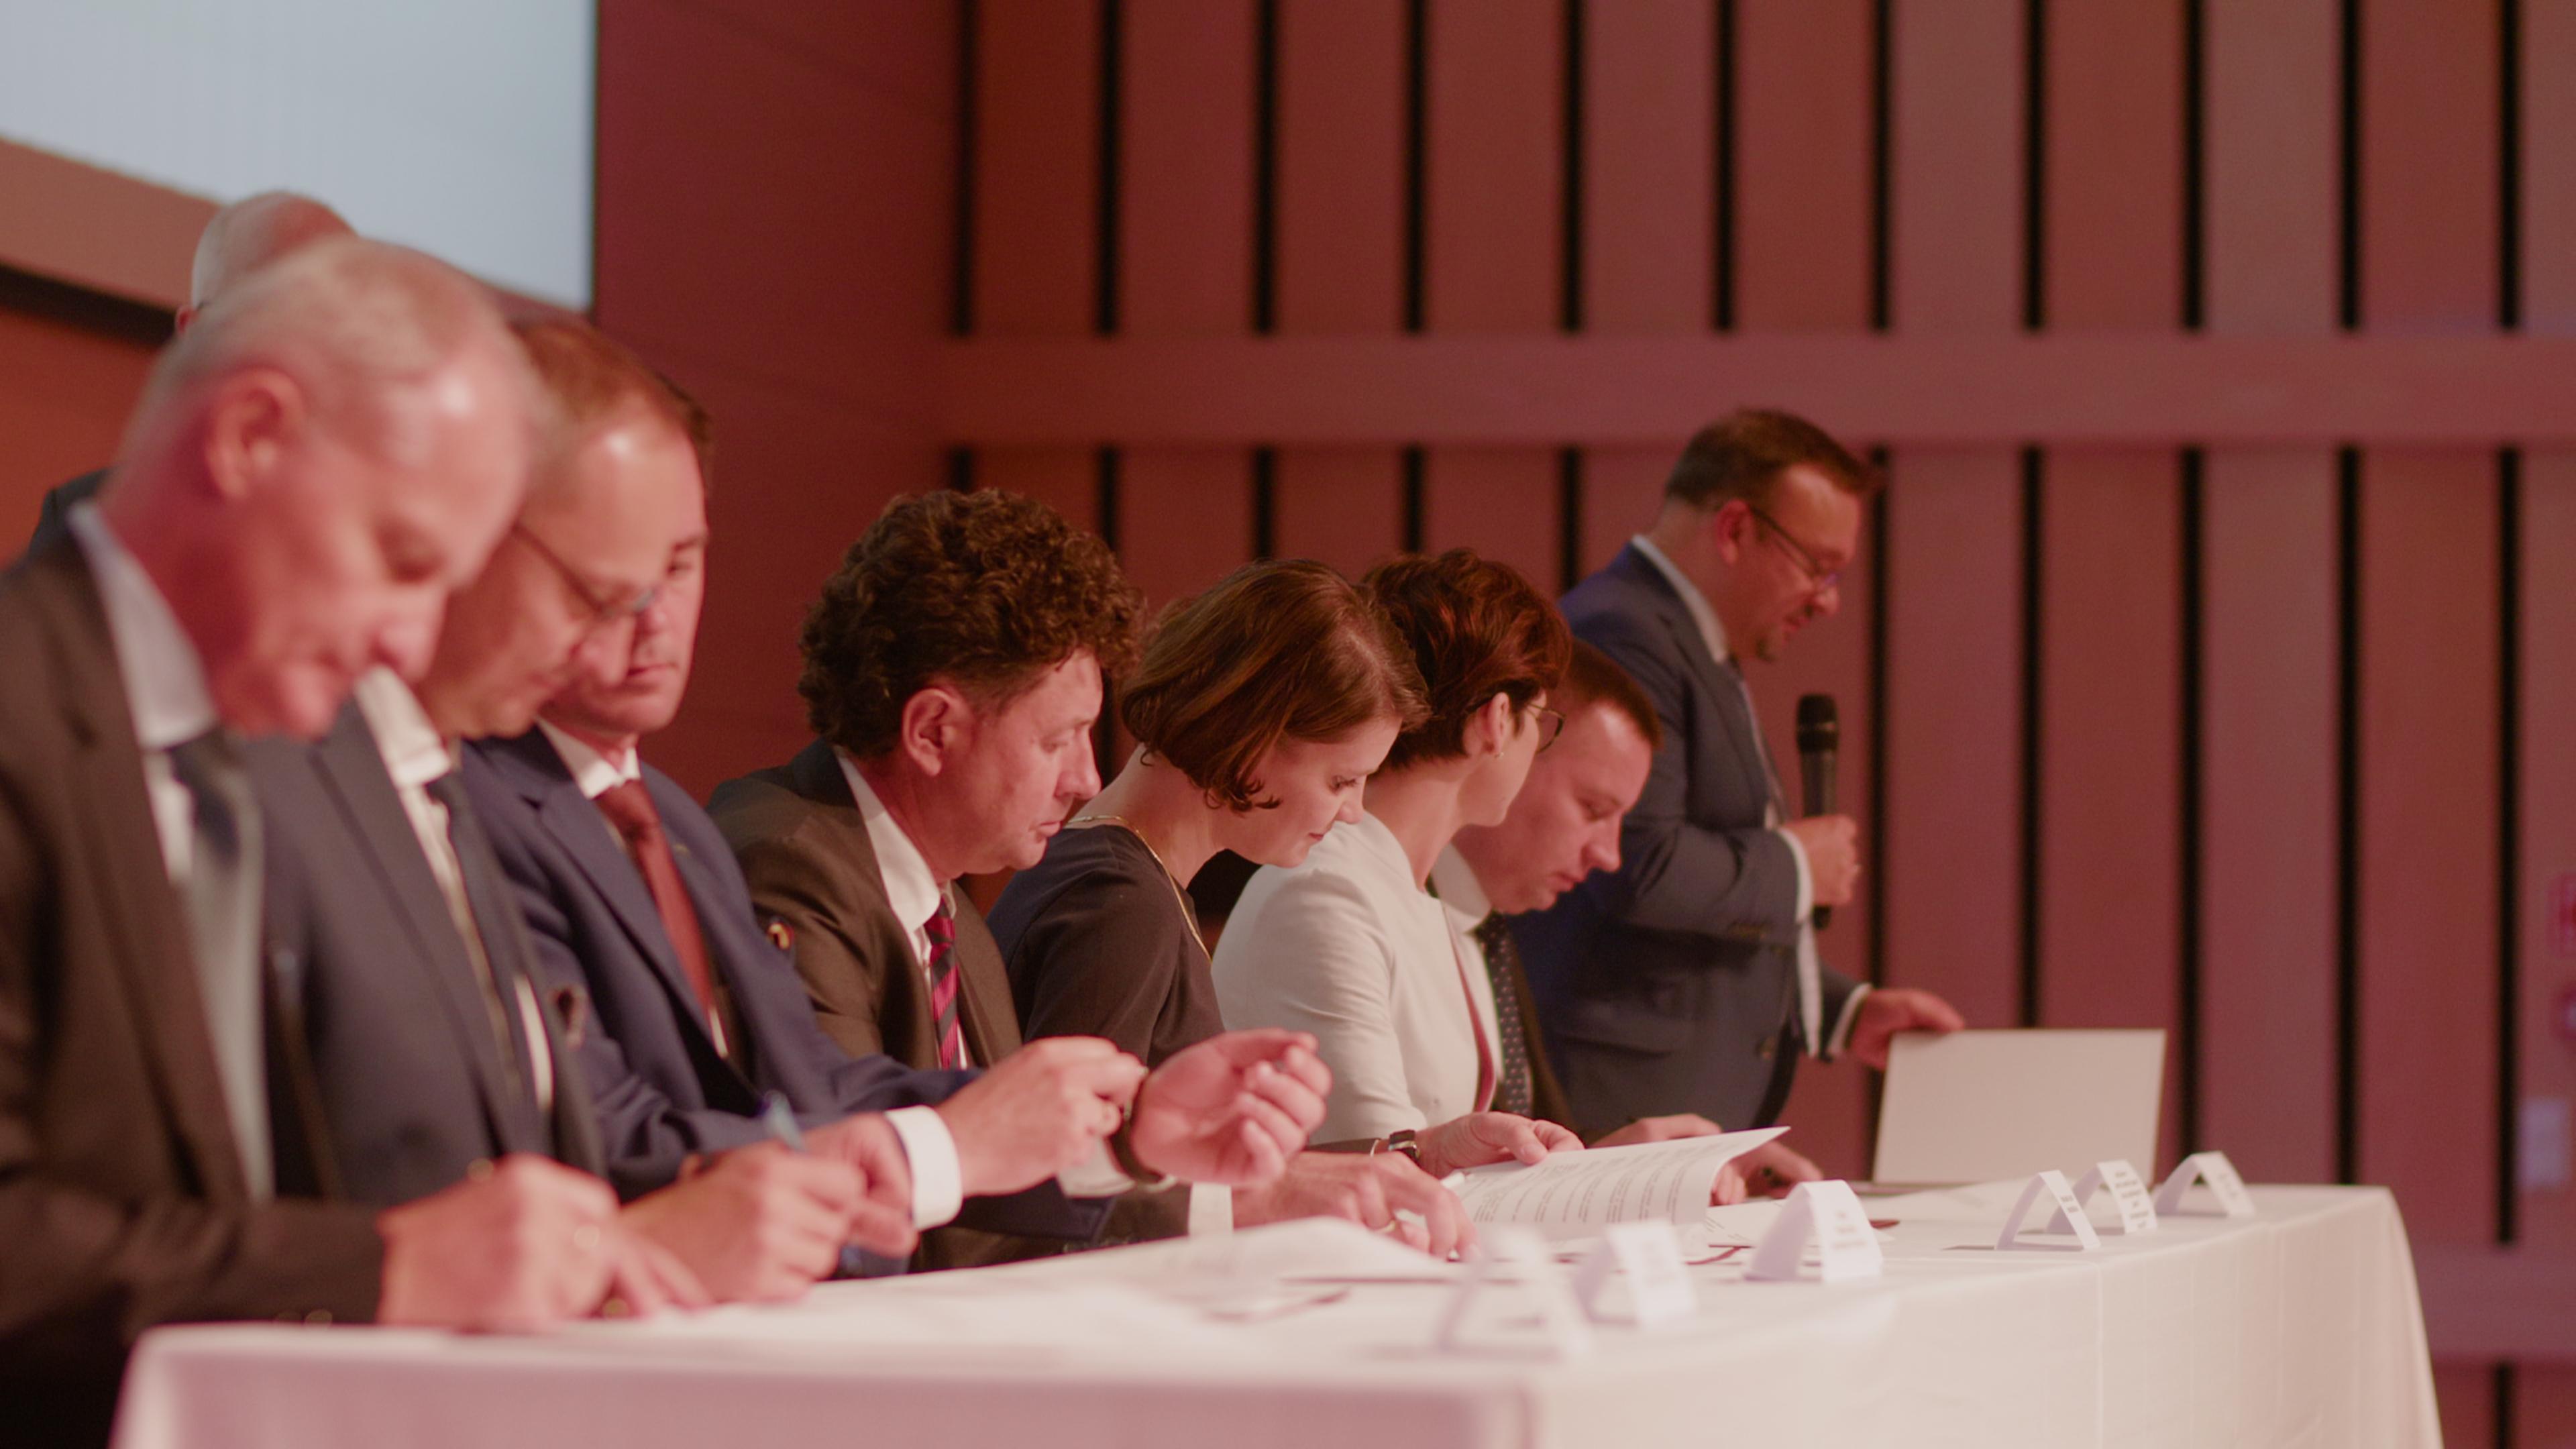 Podpisanie deklaracji przez przedstawicieli stron